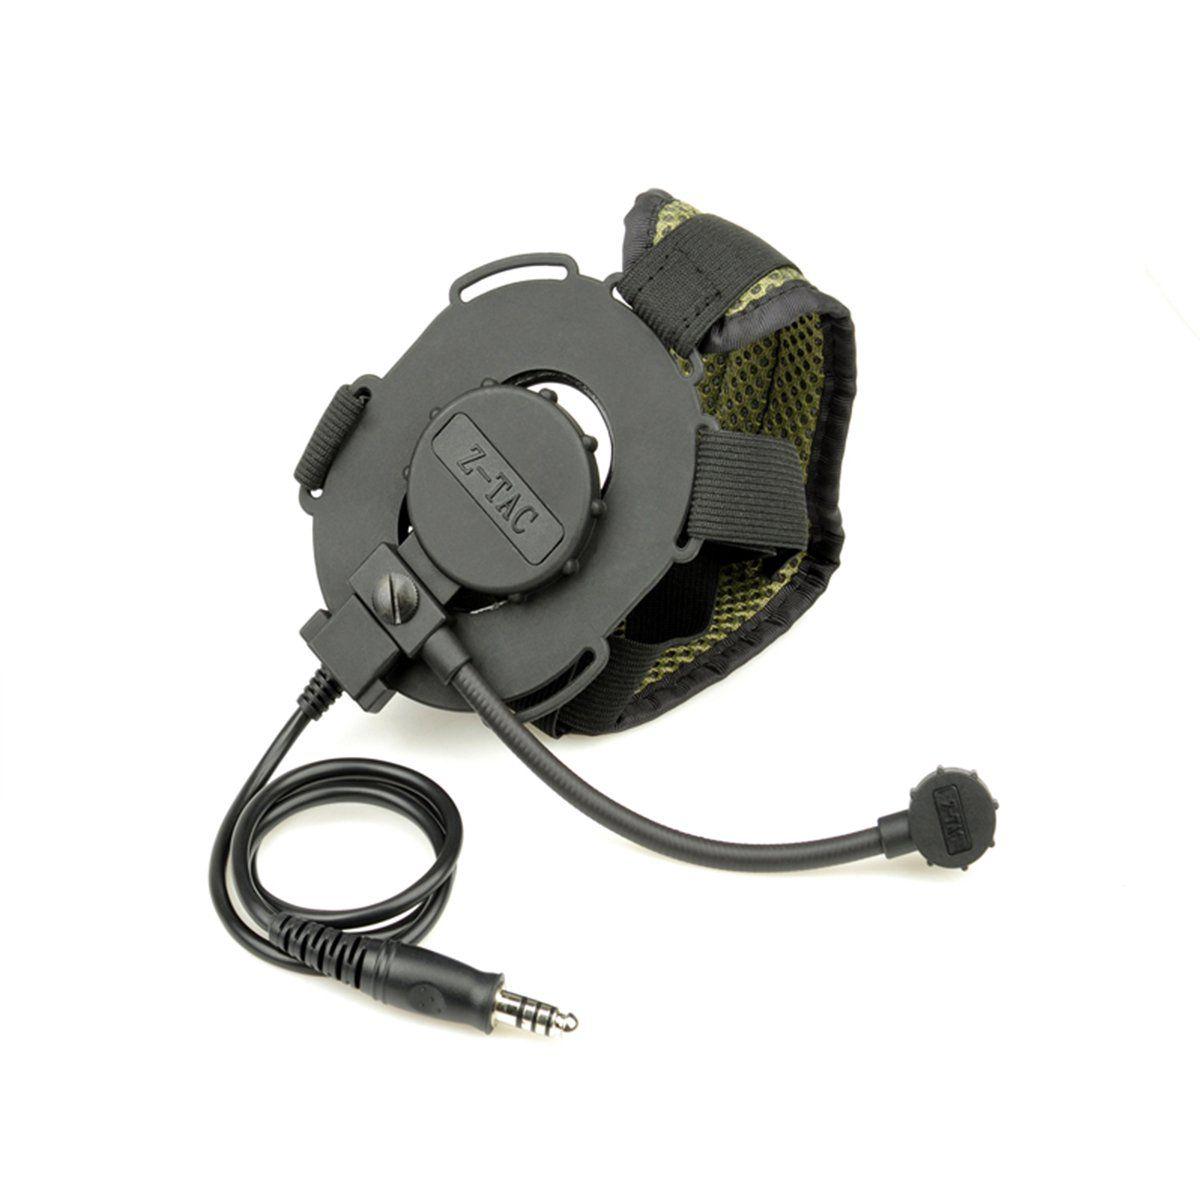 Fone Com Microfone Para Rádio Comunicador Z029 Ztac